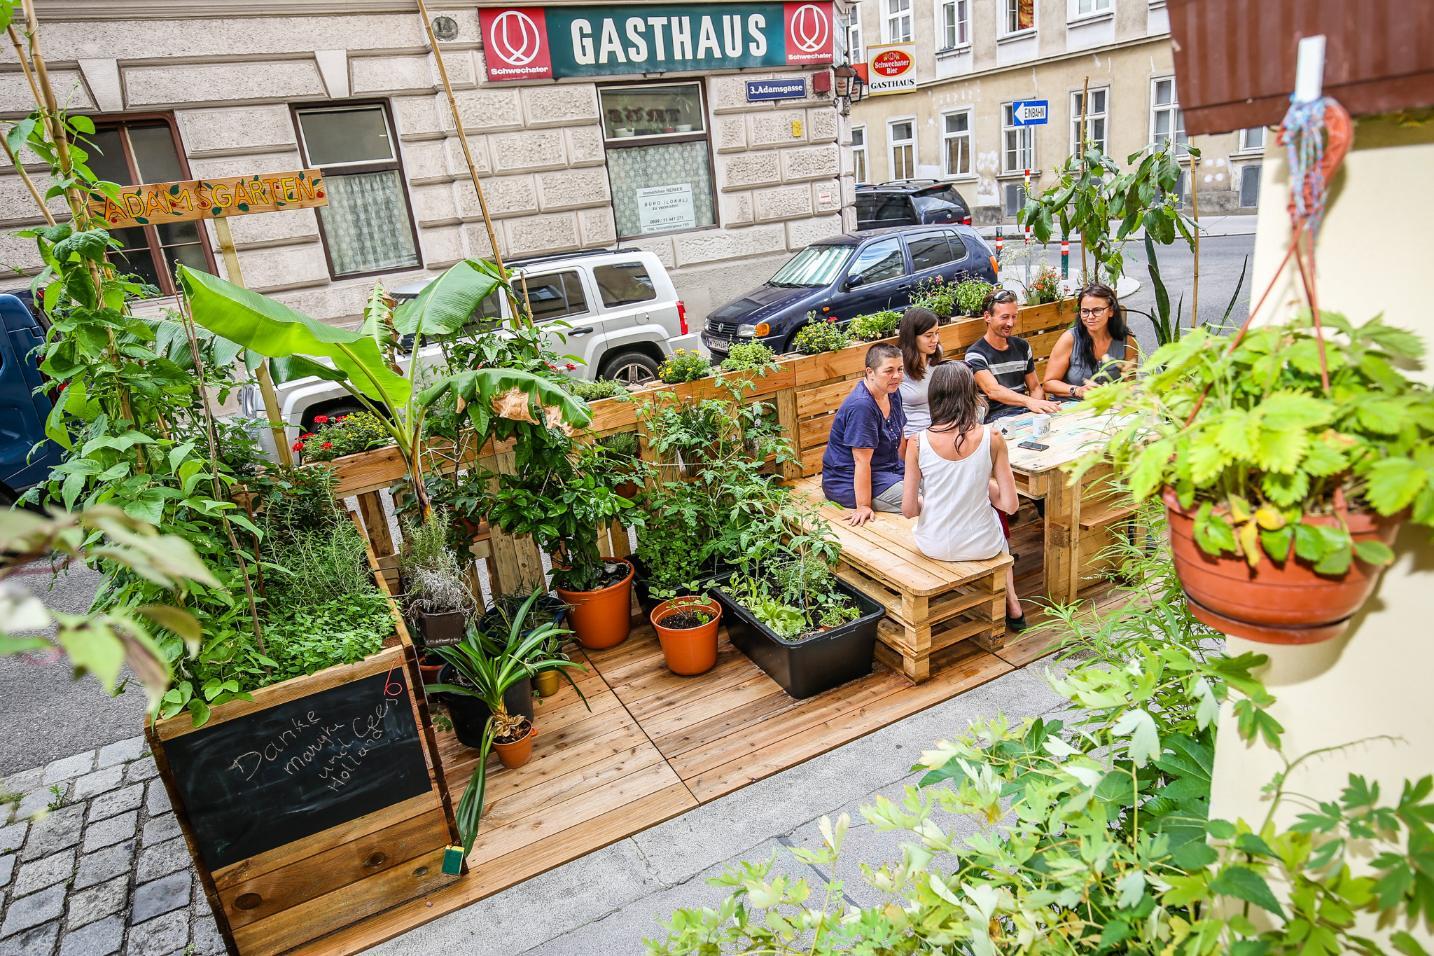 Beč potiče uređenje kvartovskih oaza